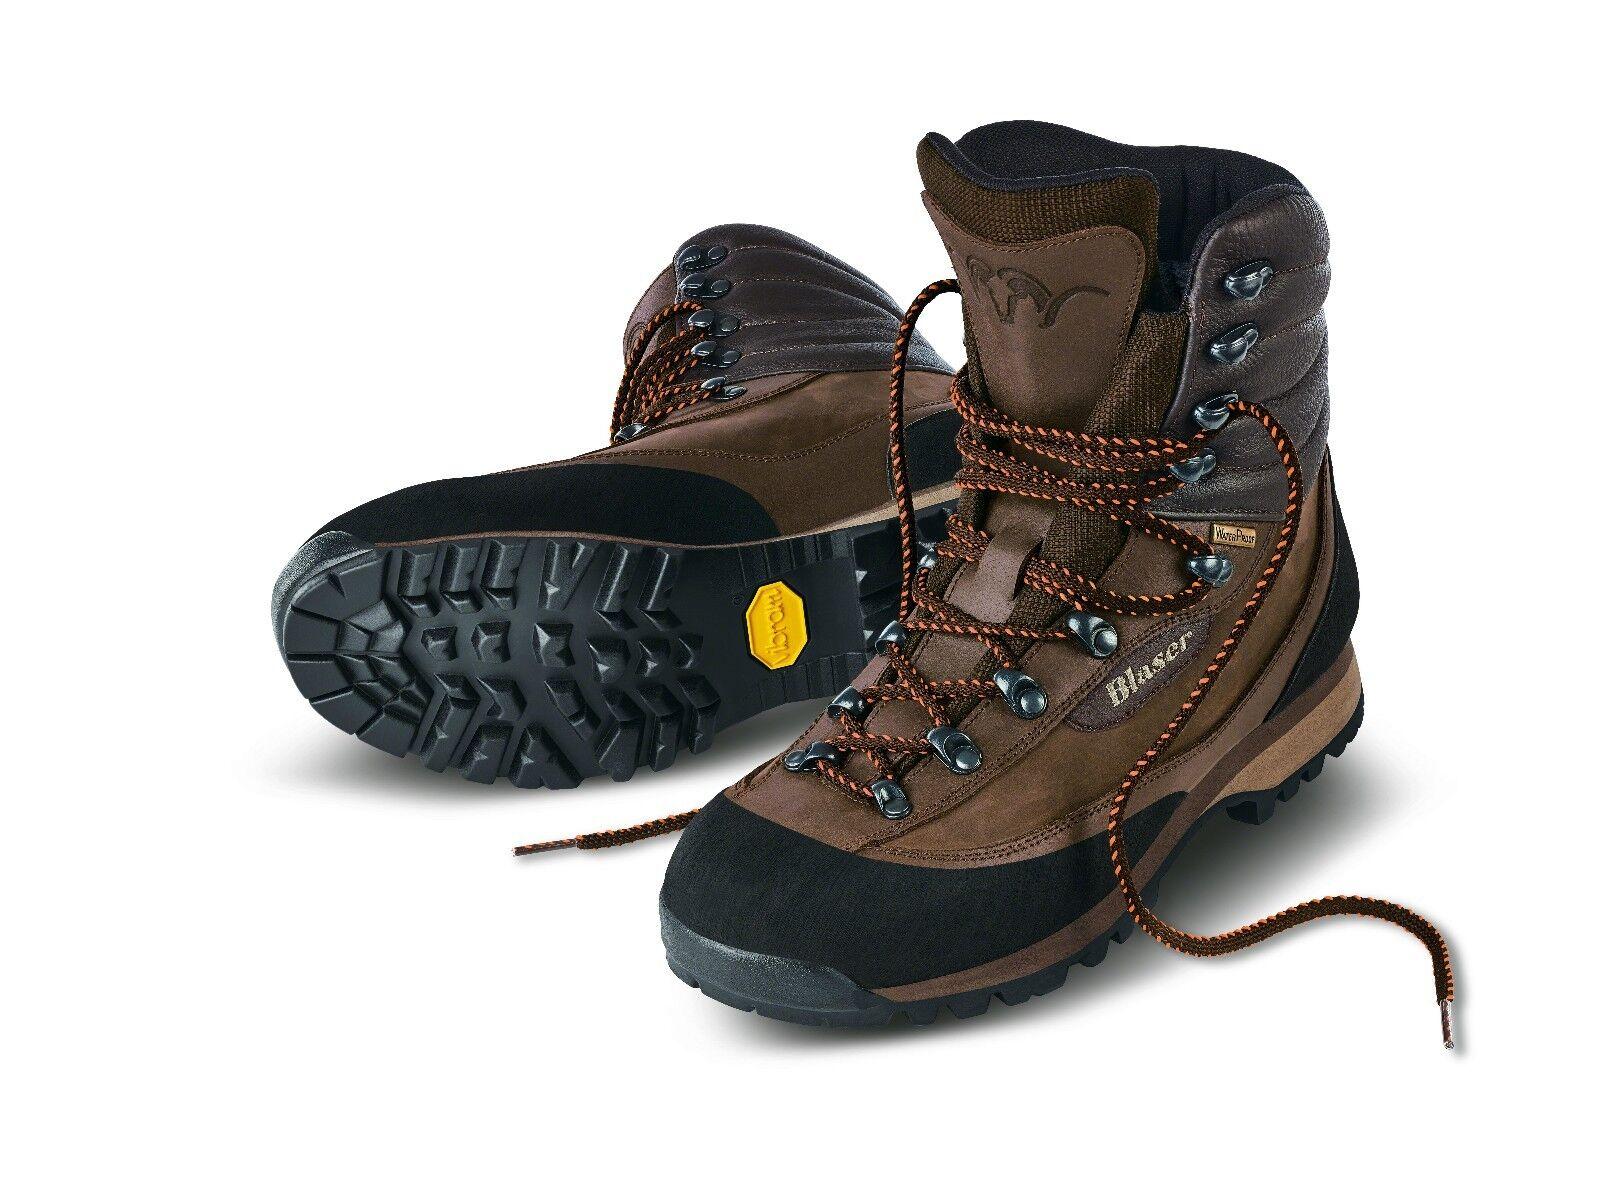 Blaser acechando botas  invierno